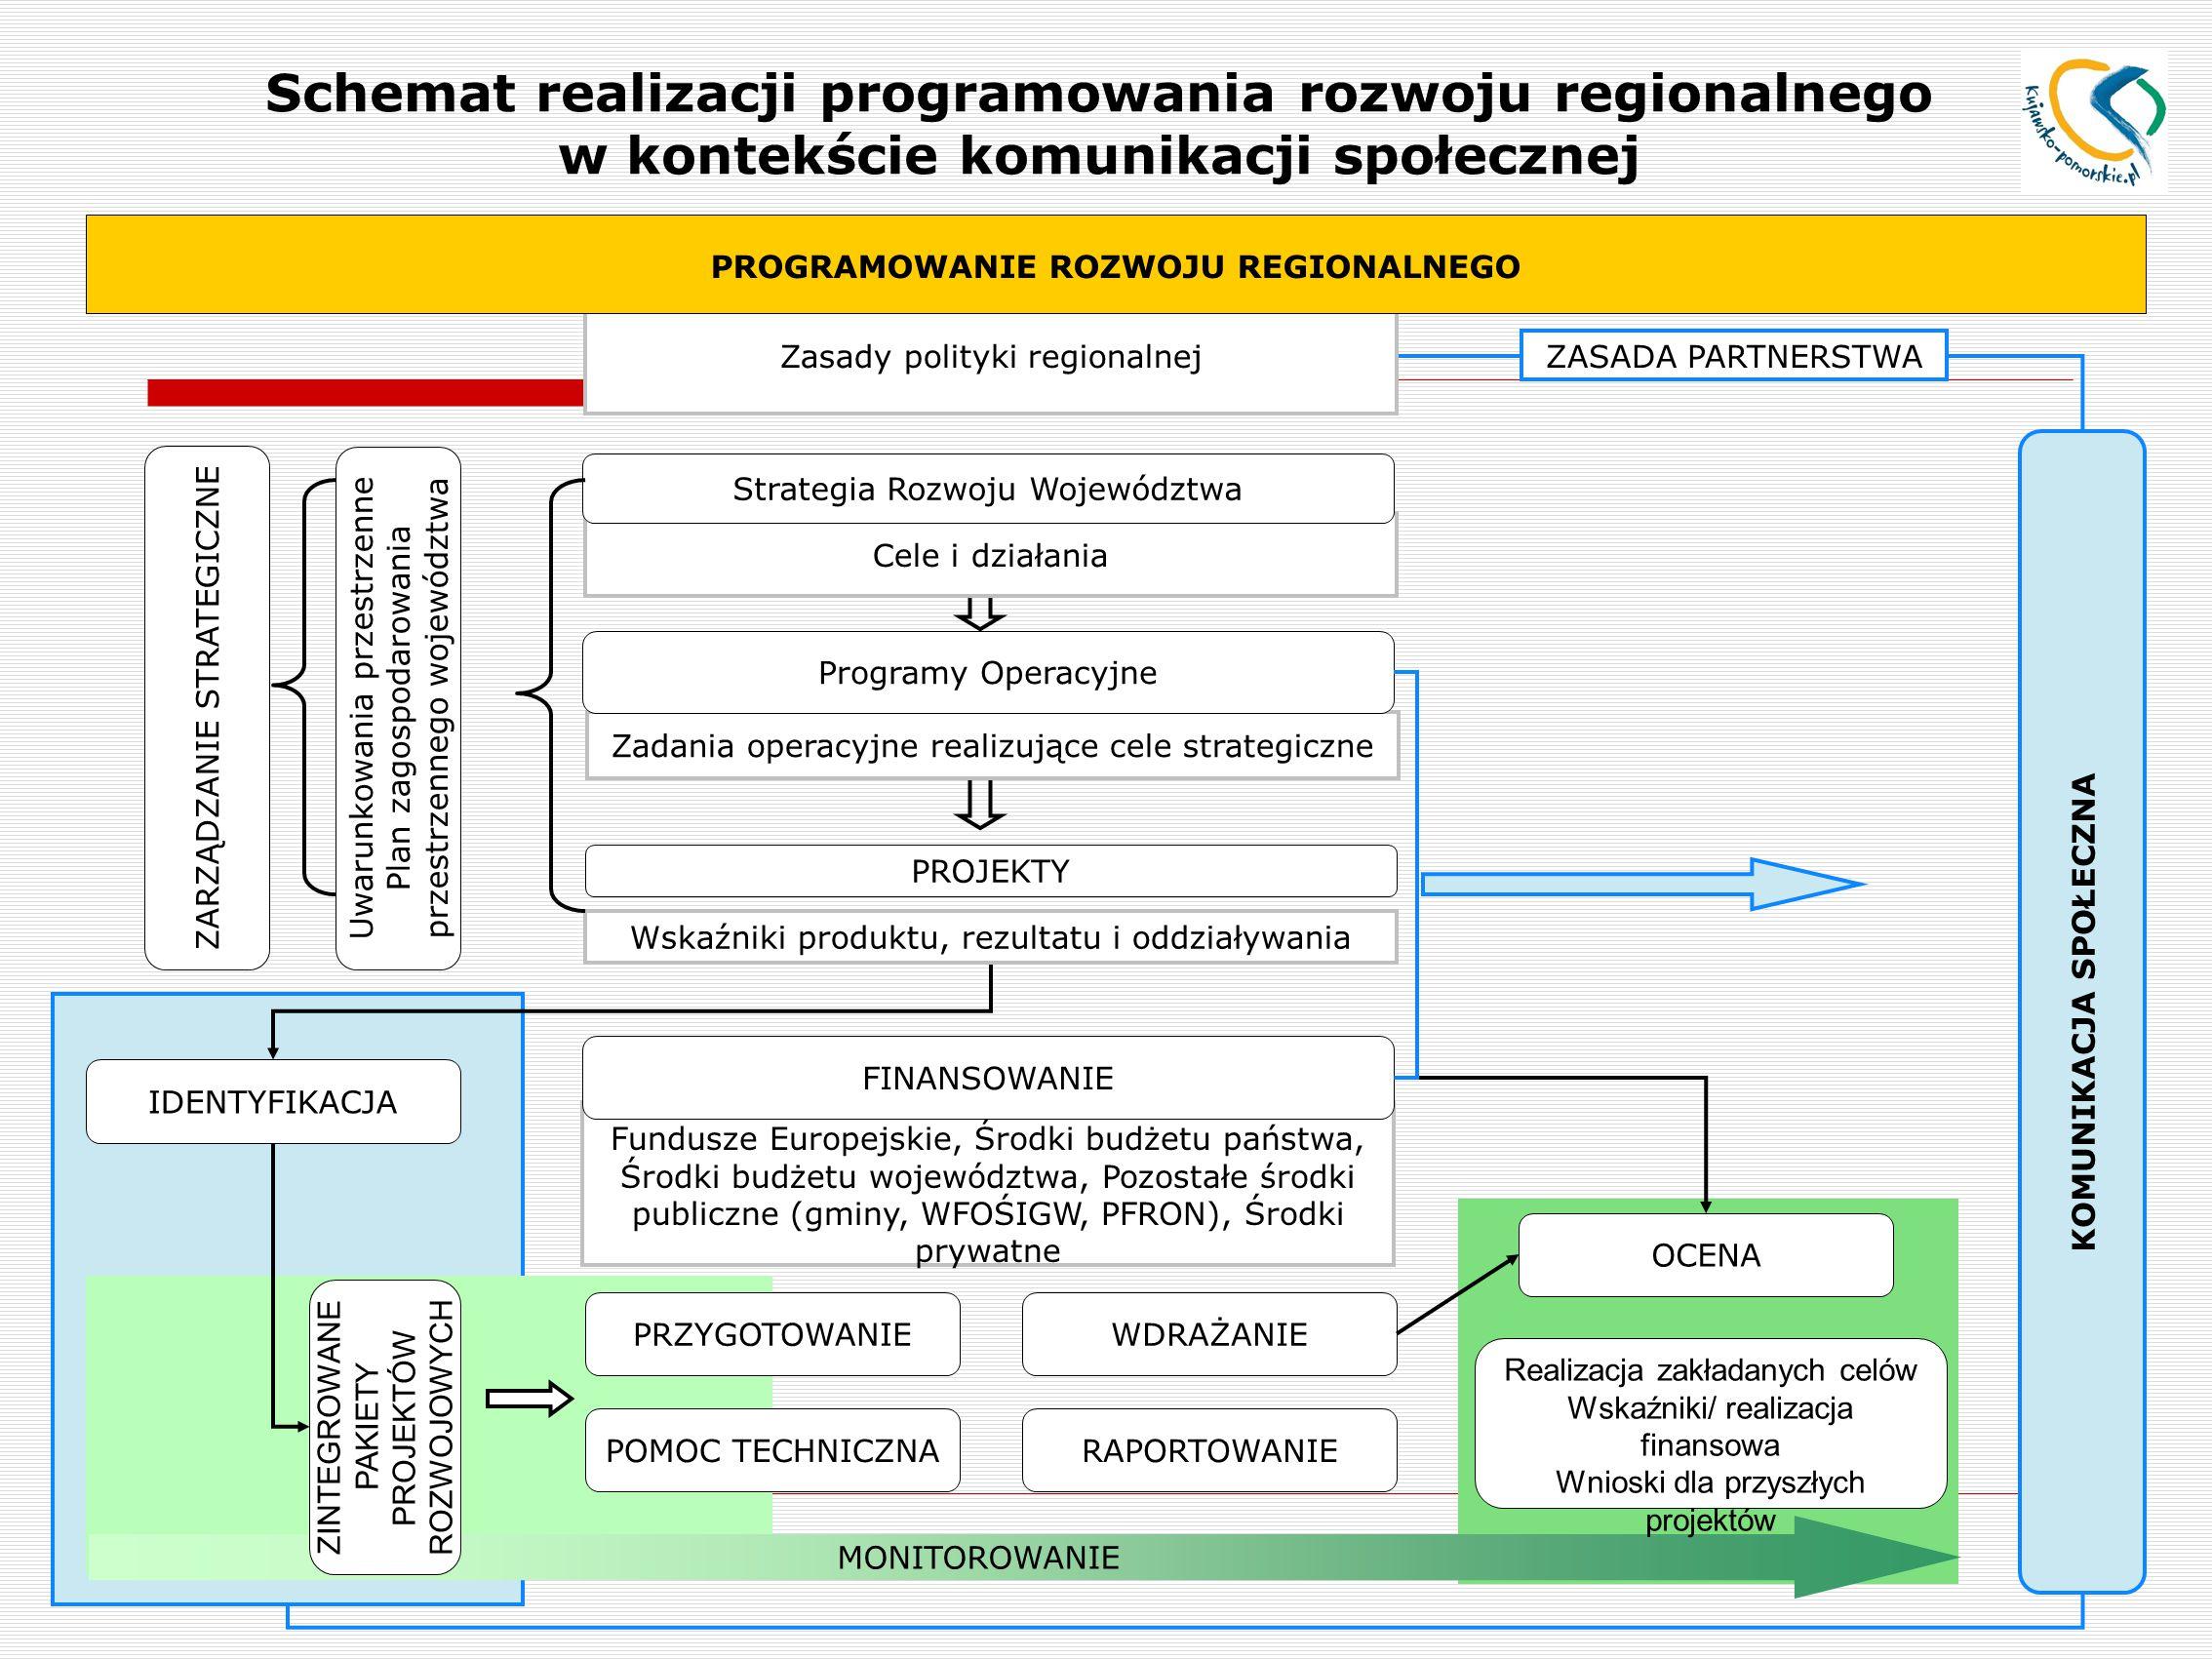 Zadania operacyjne realizujące cele strategiczne Cele i działania Zasady polityki regionalnej PROGRAMOWANIE ROZWOJU REGIONALNEGO Strategia Rozwoju Woj